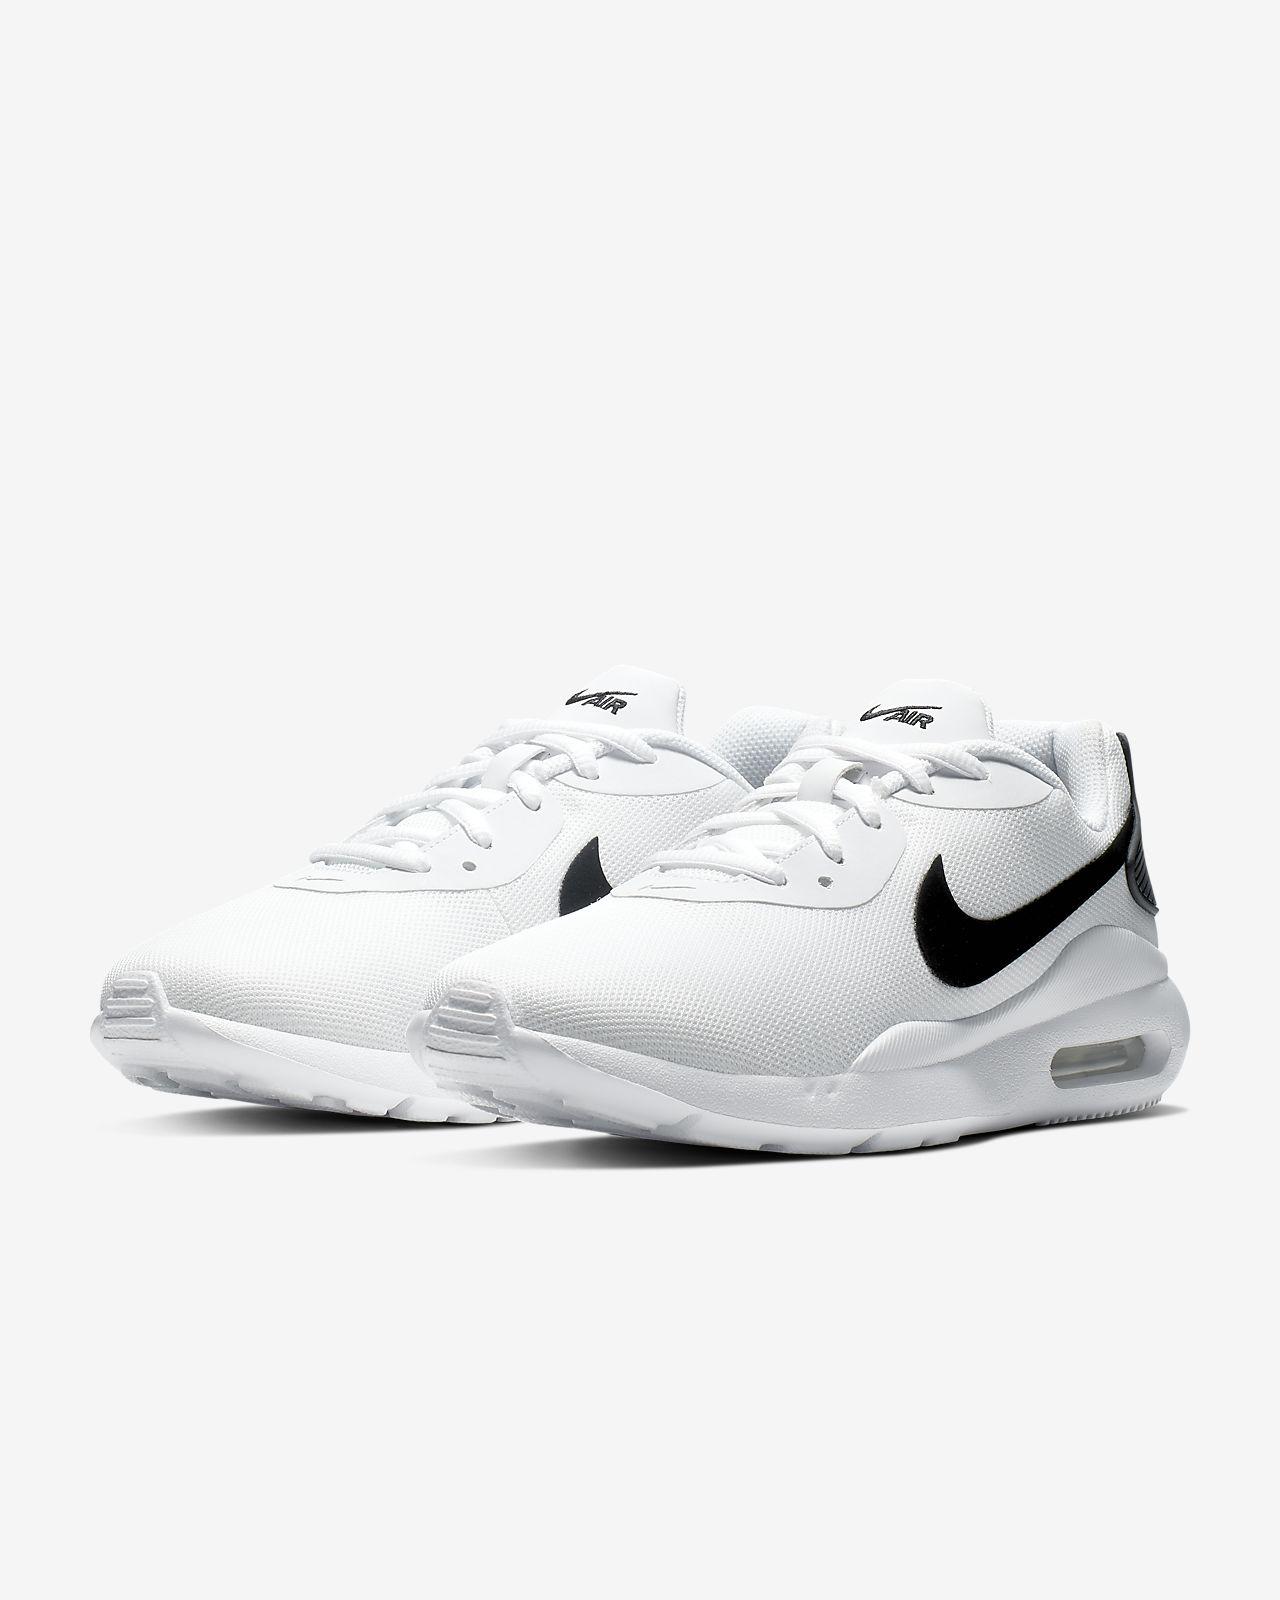 Nike   Air Max Oketo Sneaker   Nordstrom Rack